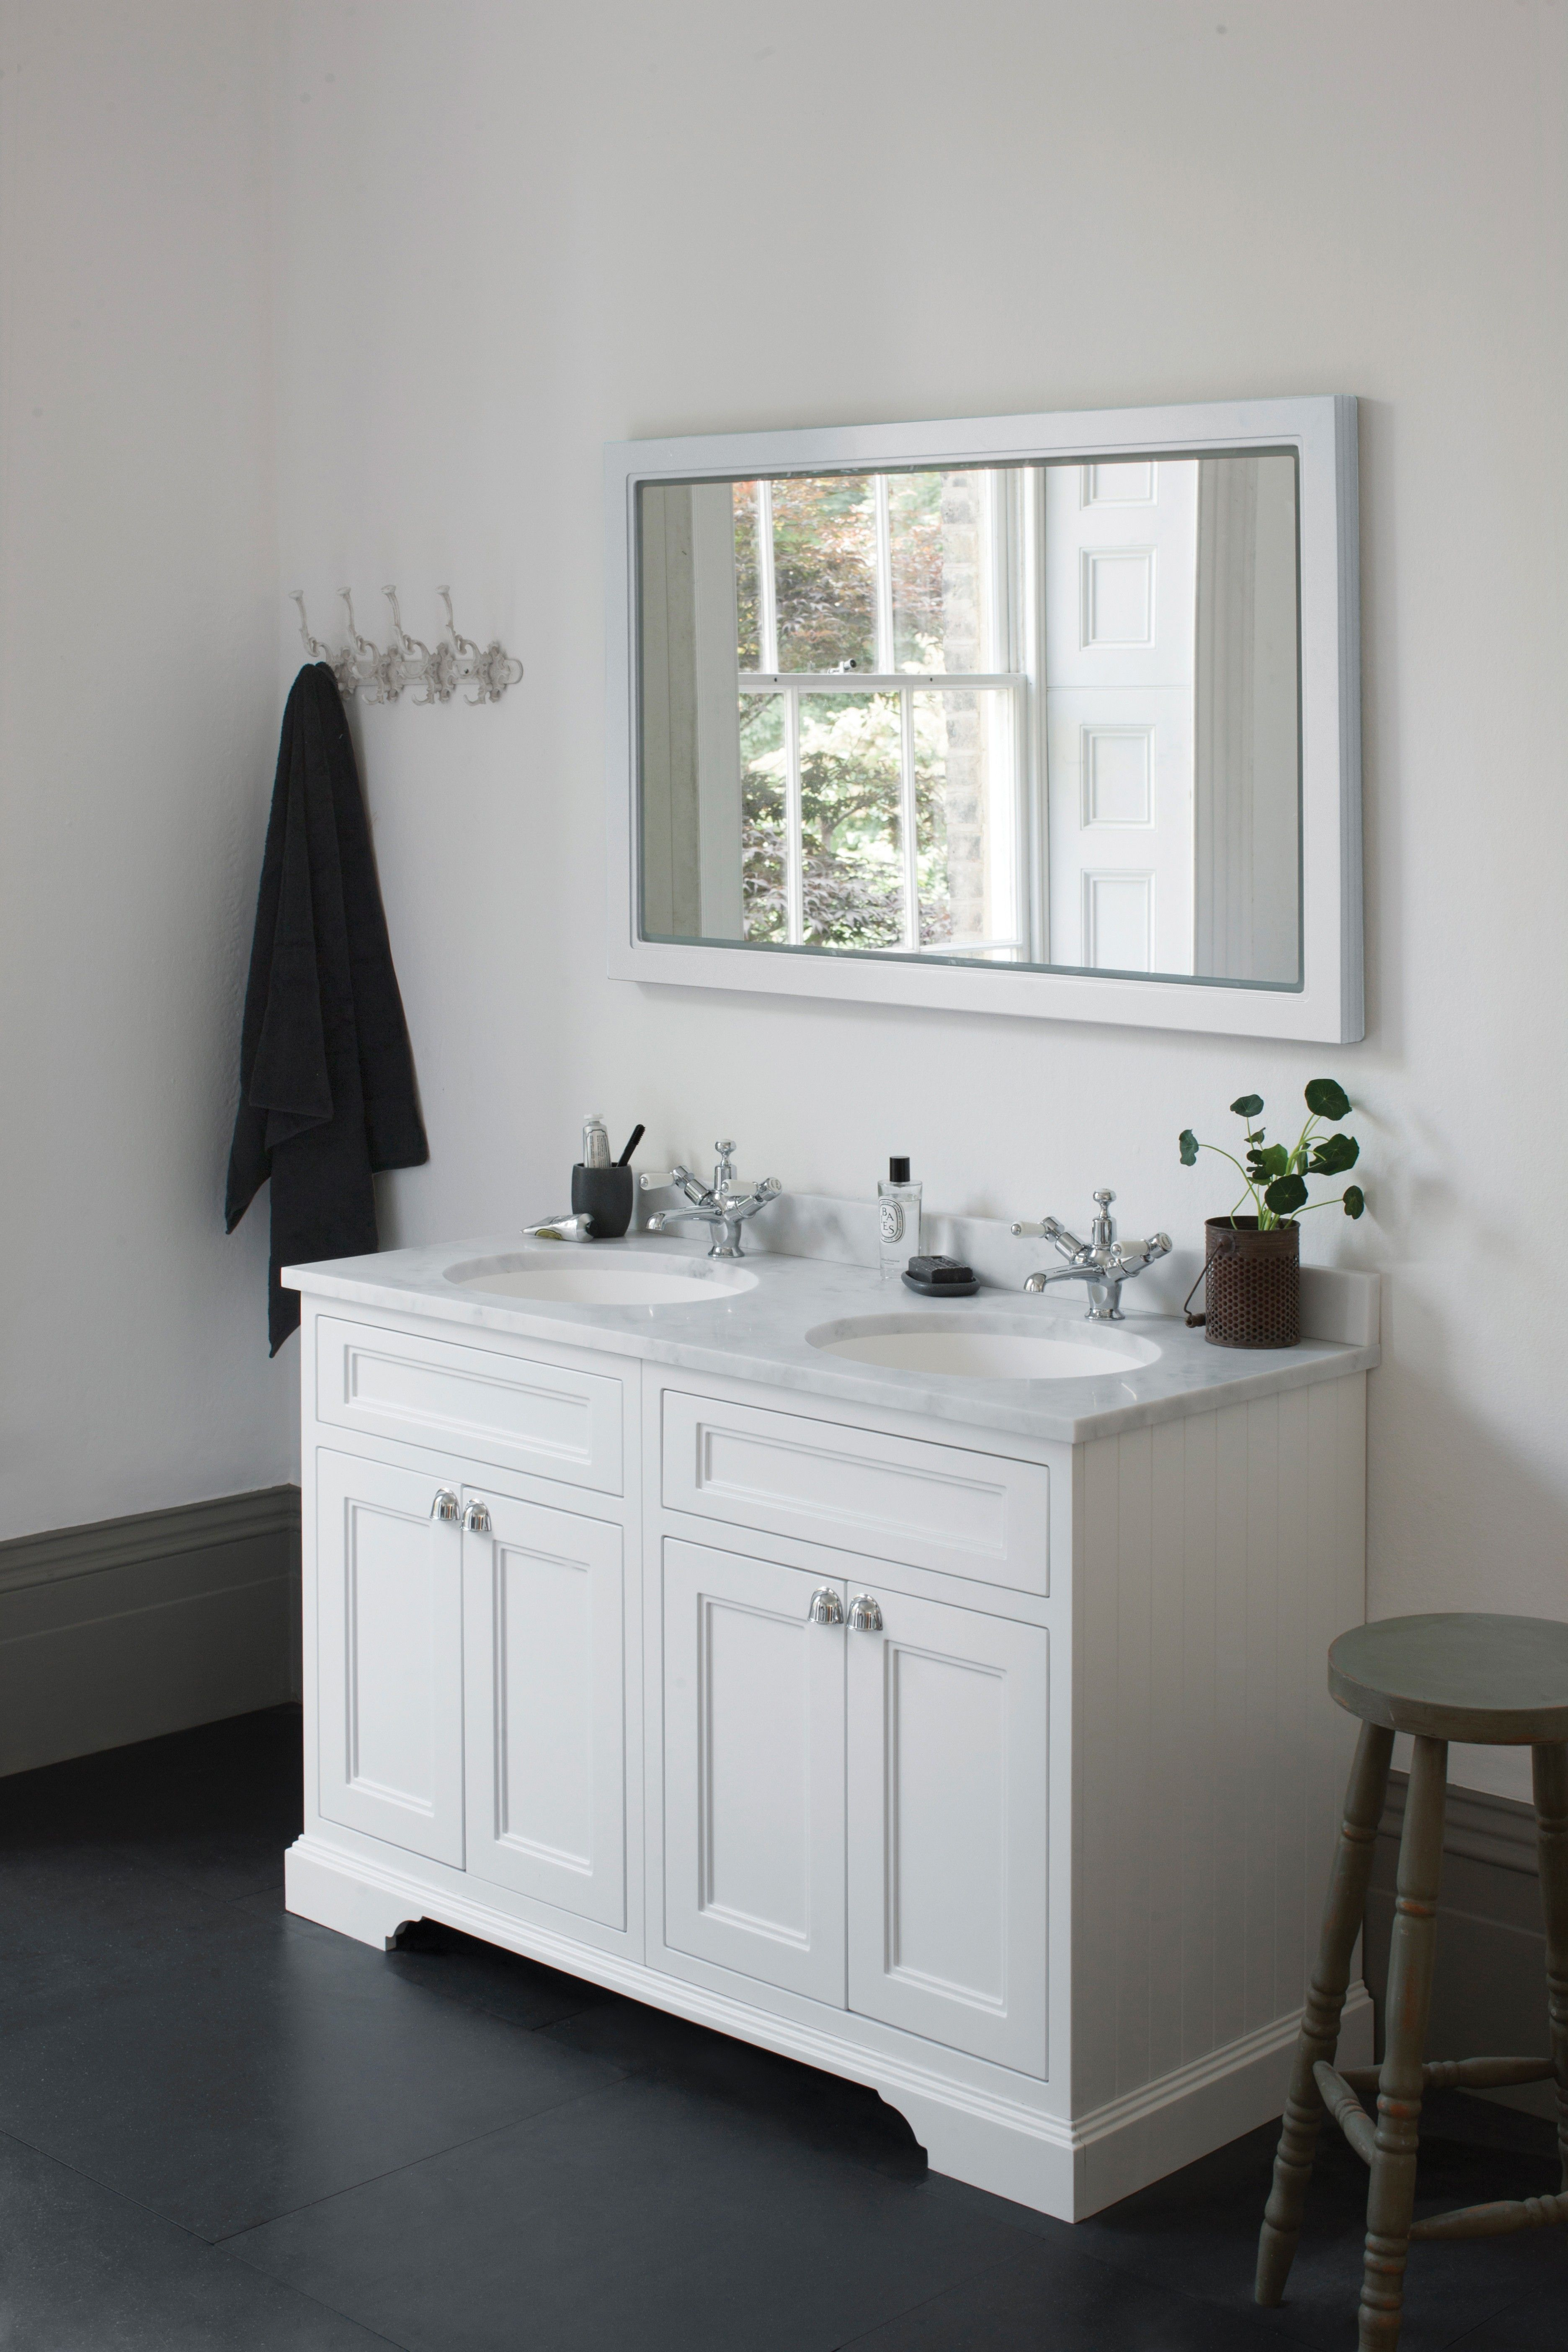 Doppel Waschtisch Kommode Burlington 130 Cm Mit Turen Minerva Marmor Badezimmerwaschtisch Badezimmer Waschtisch